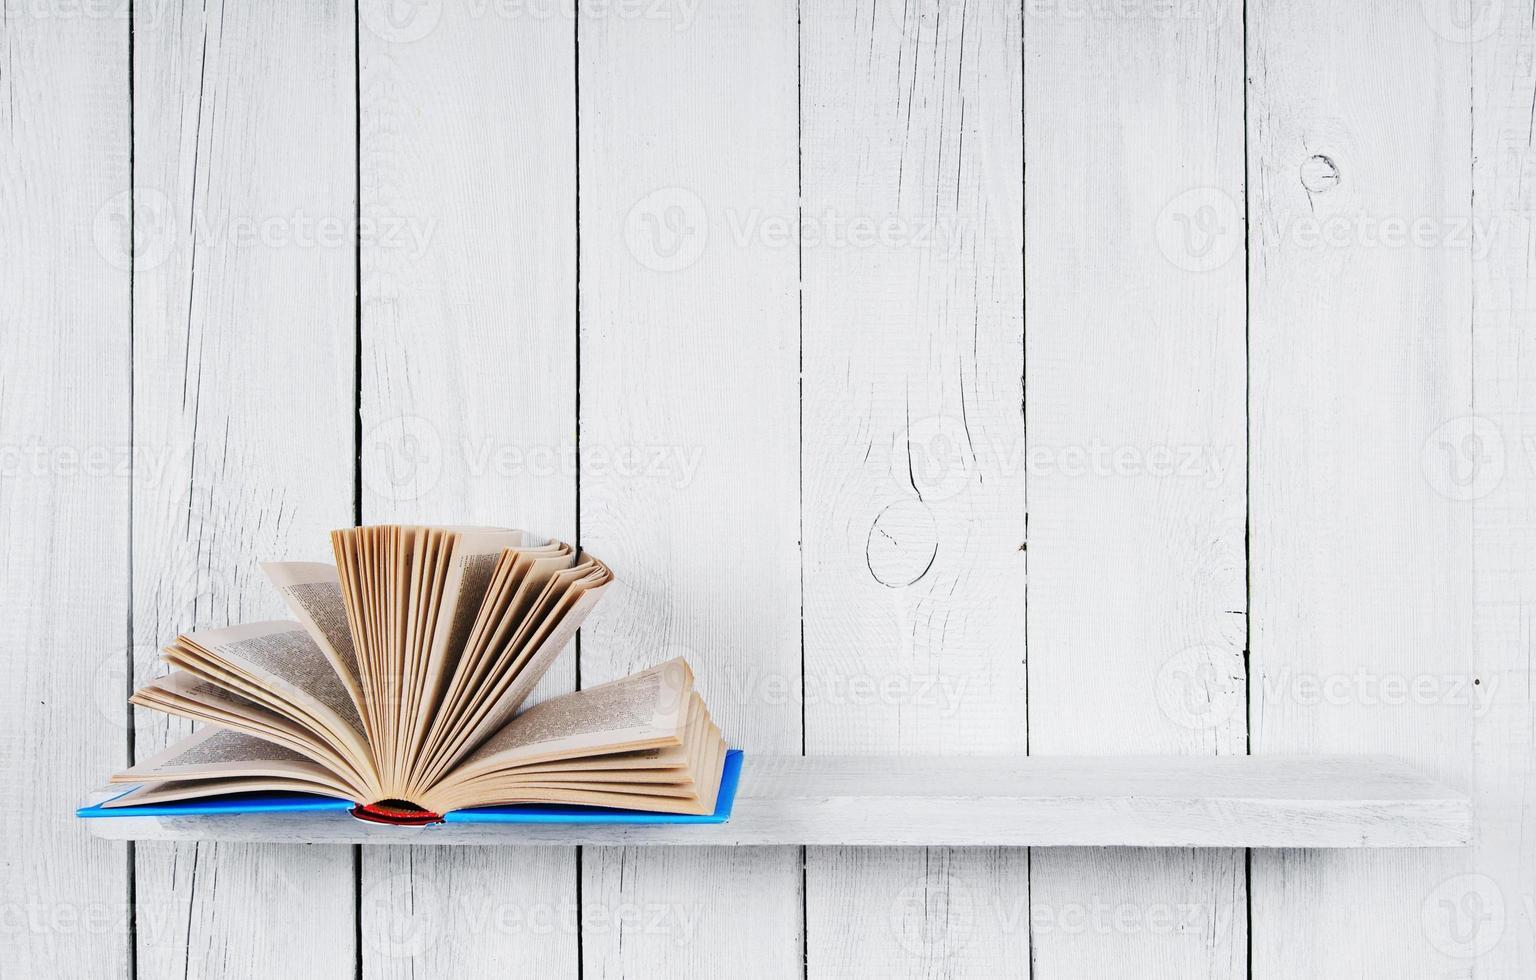 den öppna boken på en trähylla. foto